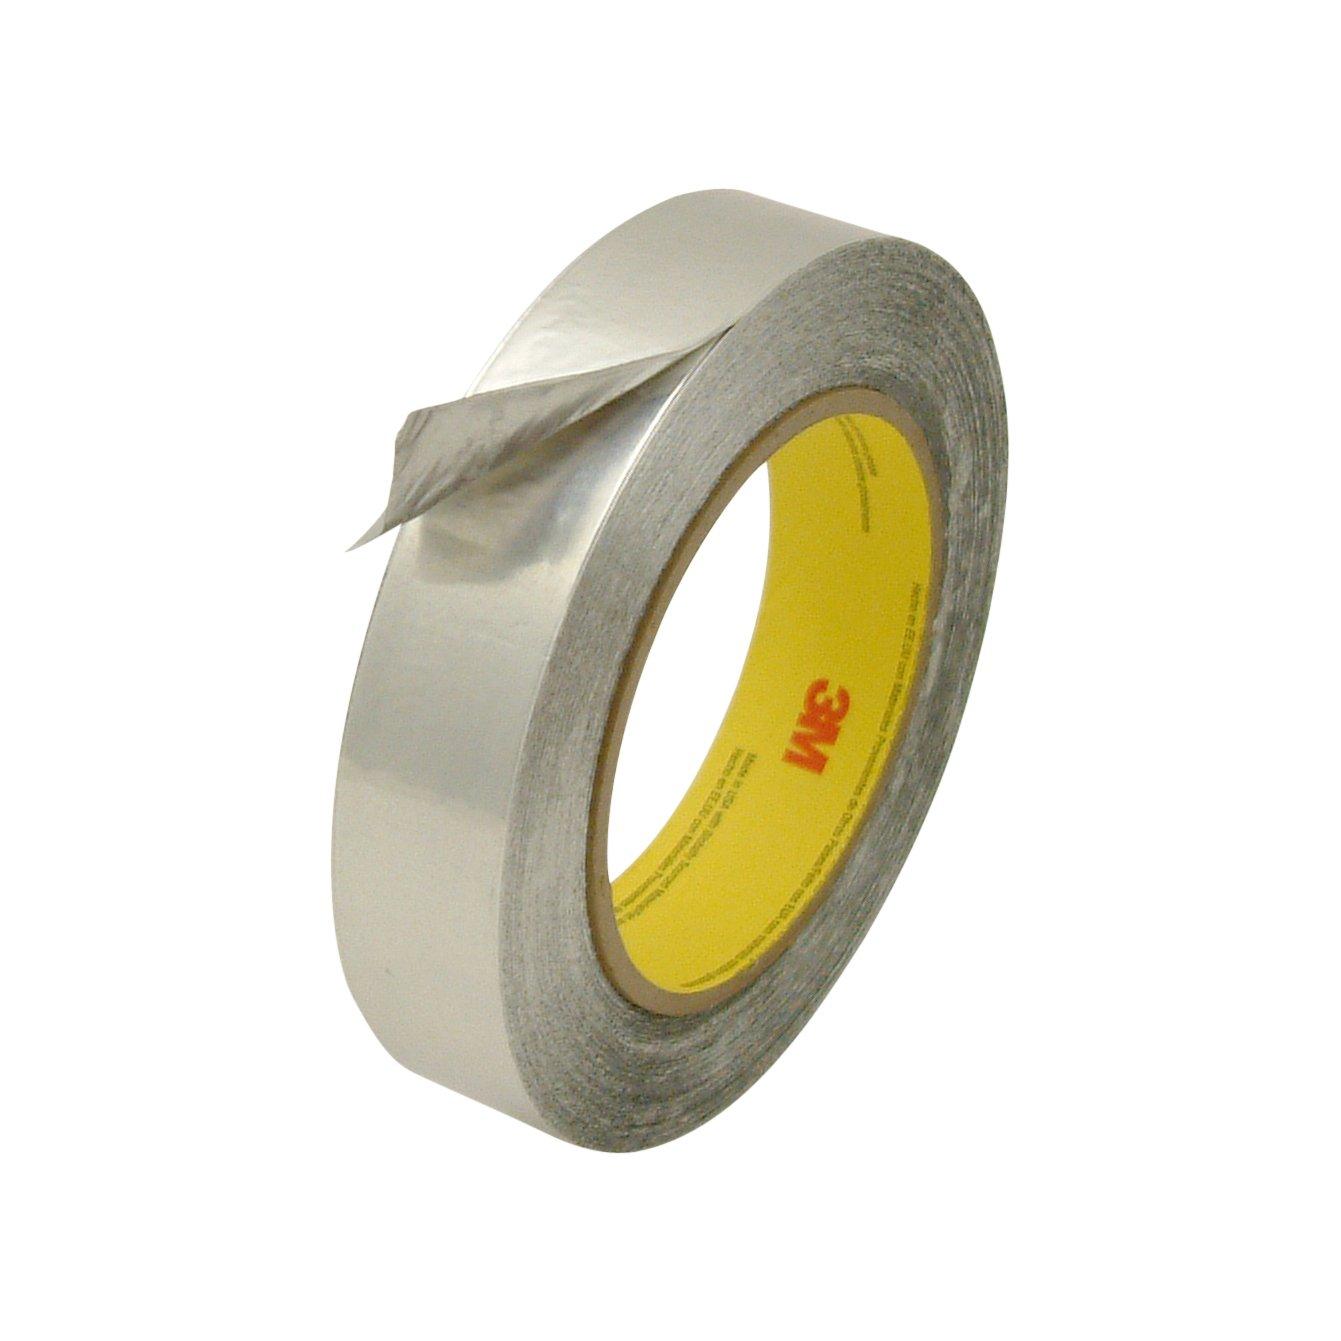 3M 425/SI160 Scotch 425 Aluminum Foil Tape: 1'' x 60 yd, Silver